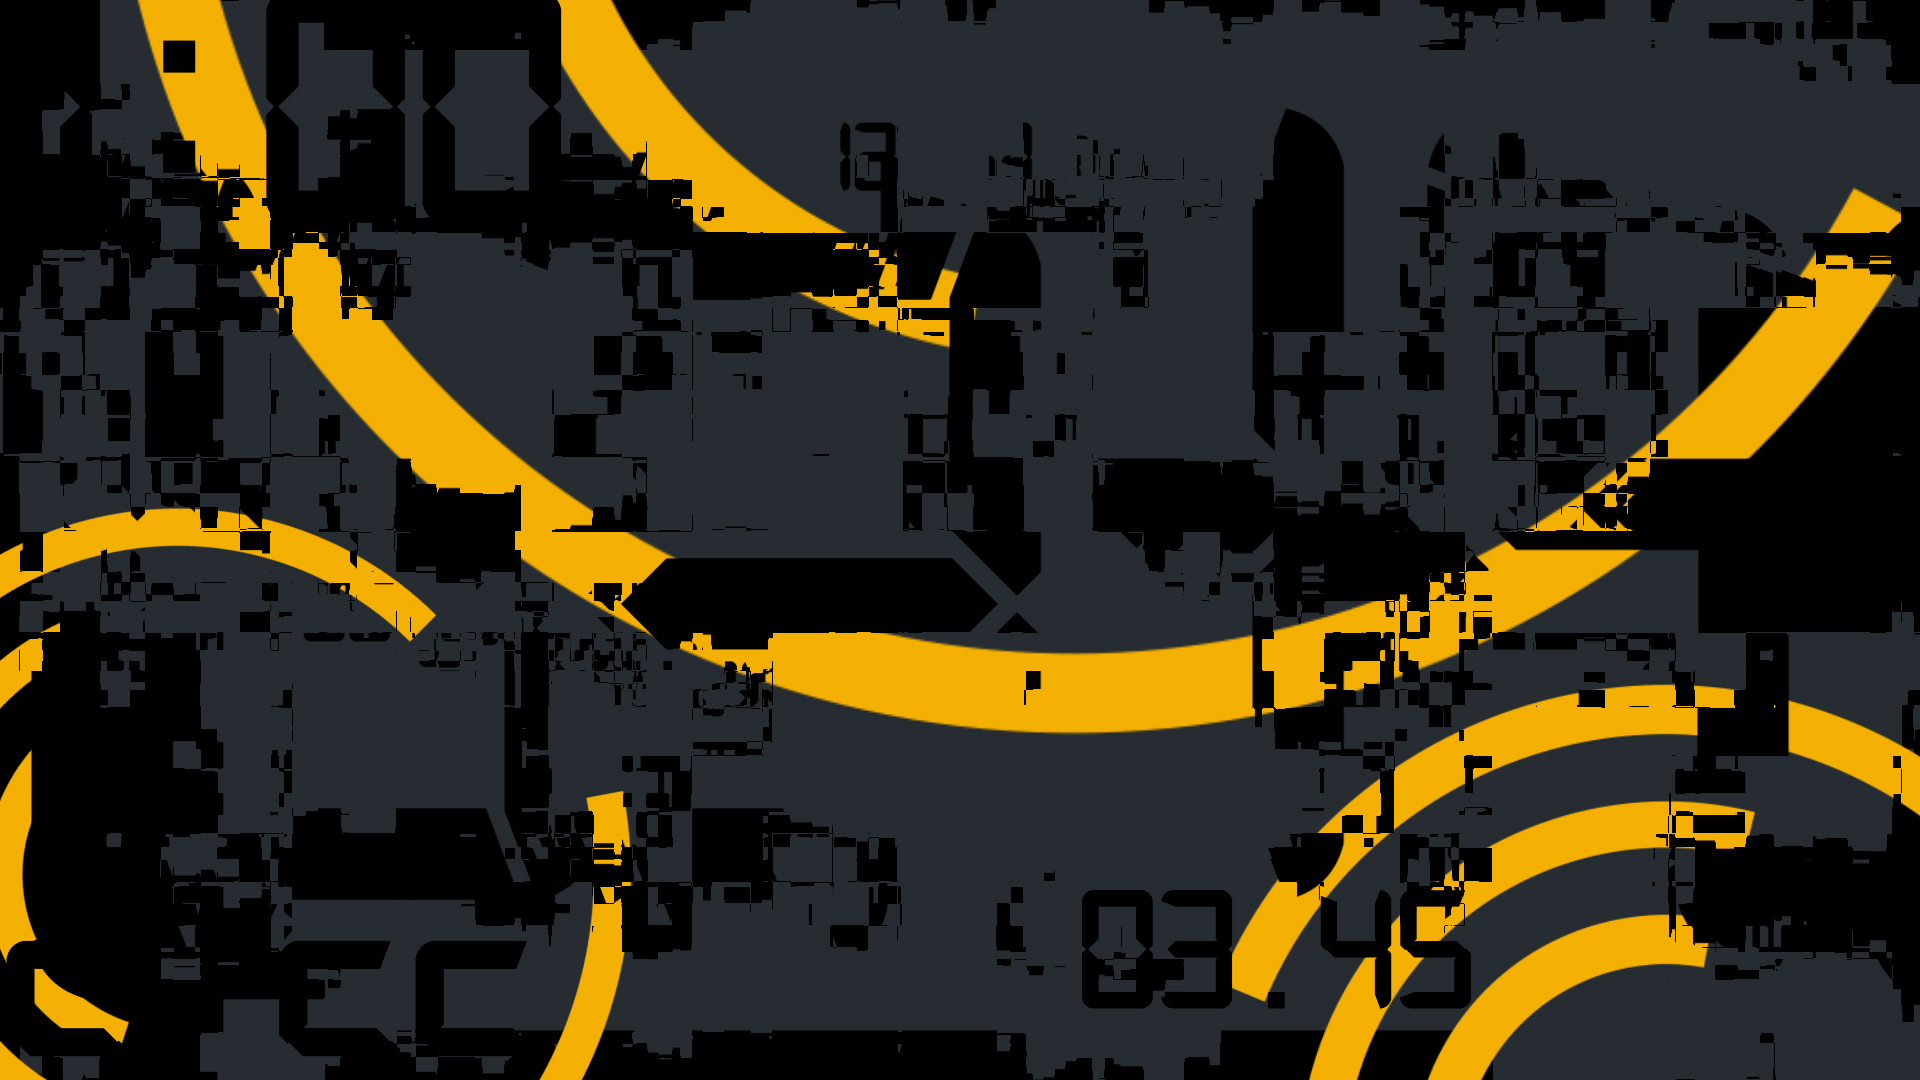 digital disruption illustration